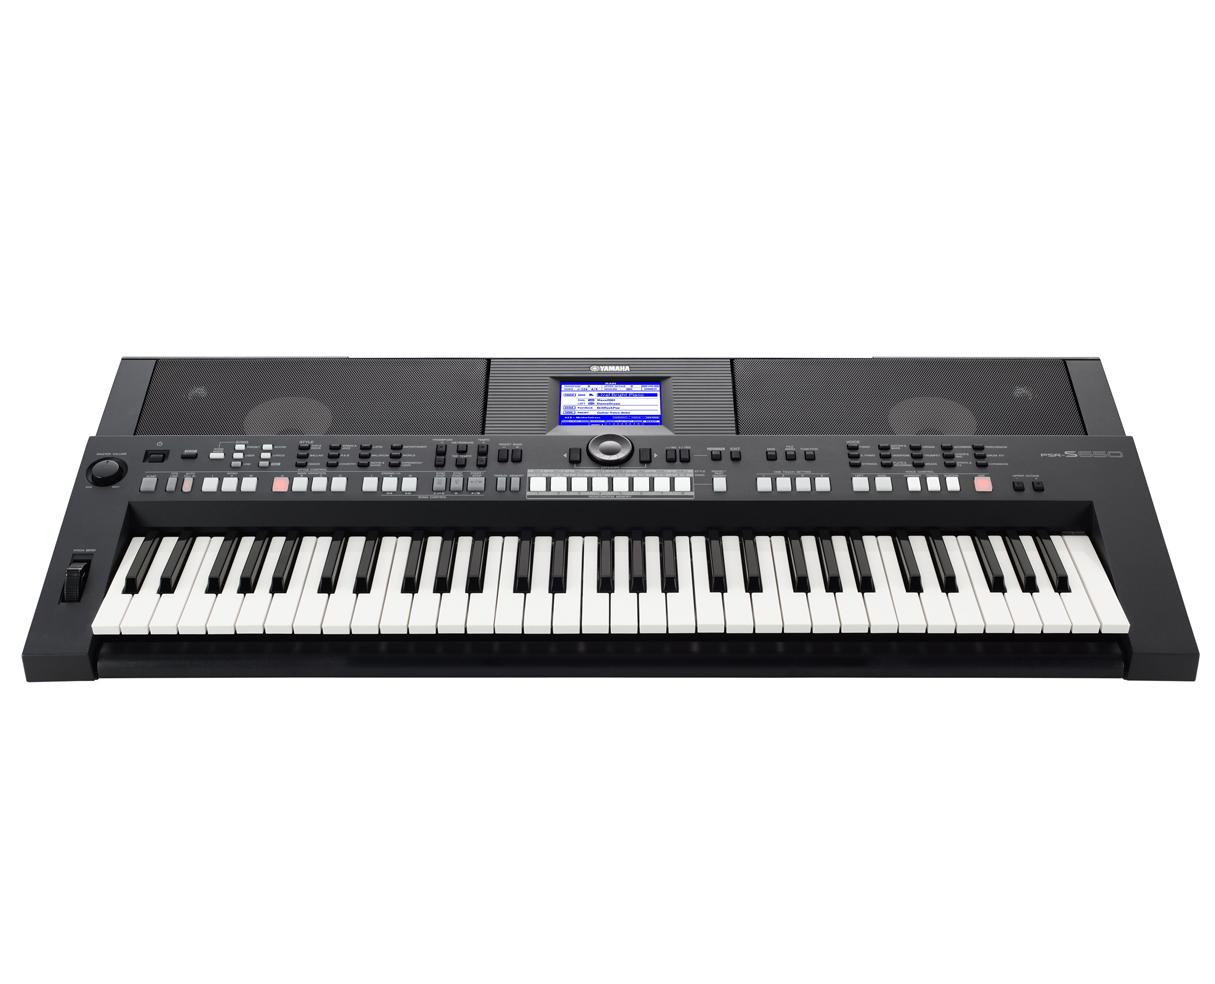 yamaha psr s650 psrs650 61 key portable sequencer arranger. Black Bedroom Furniture Sets. Home Design Ideas